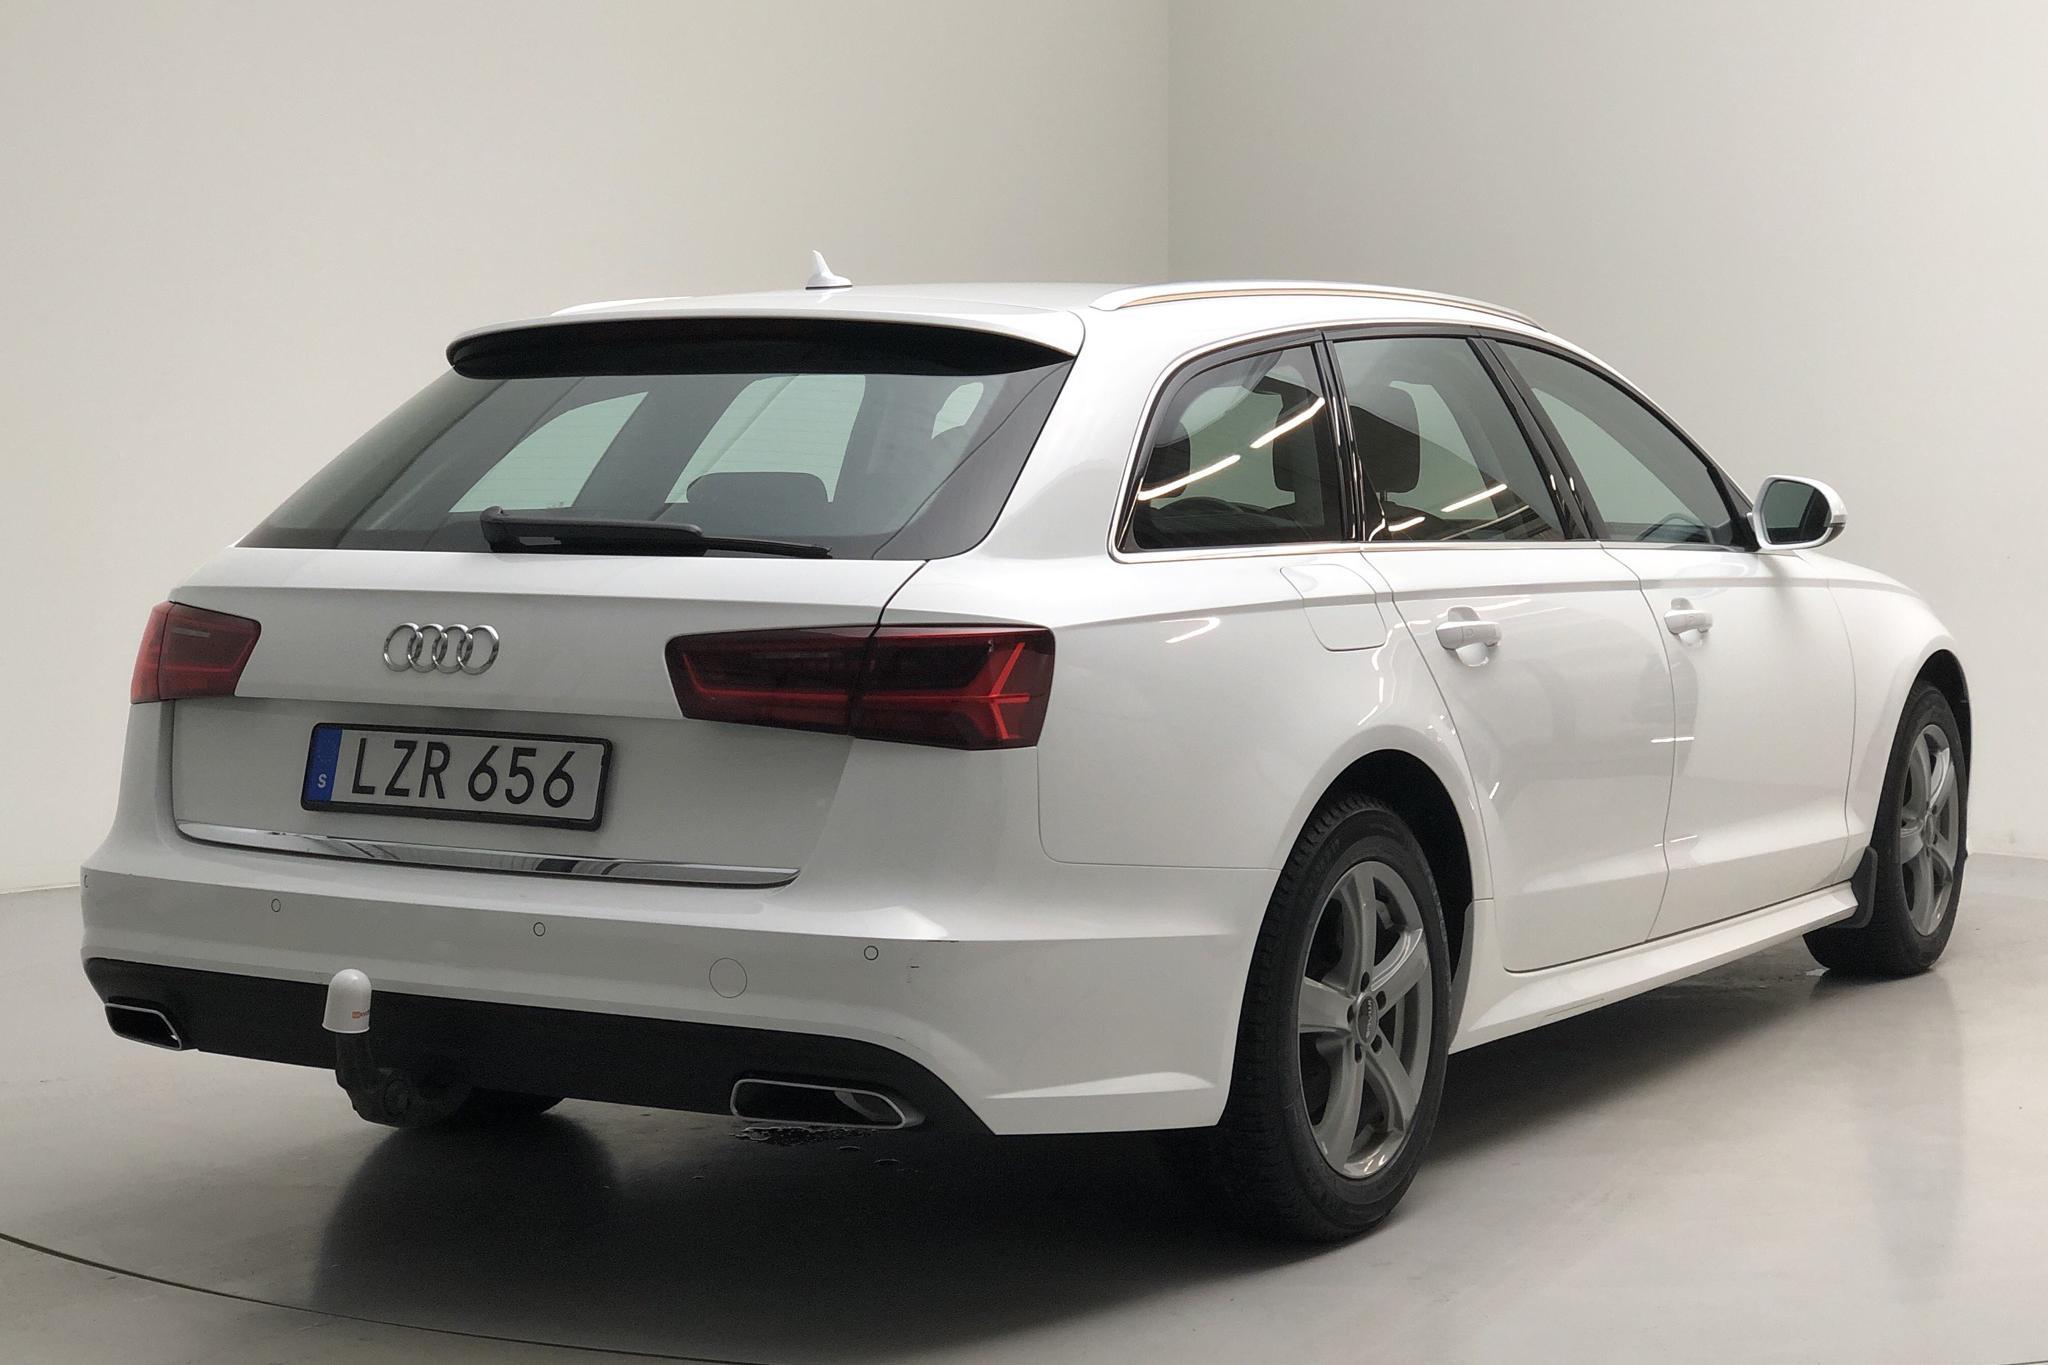 Audi A6 2.0 TDI Avant (190hk) - 9 020 mil - Automat - vit - 2018